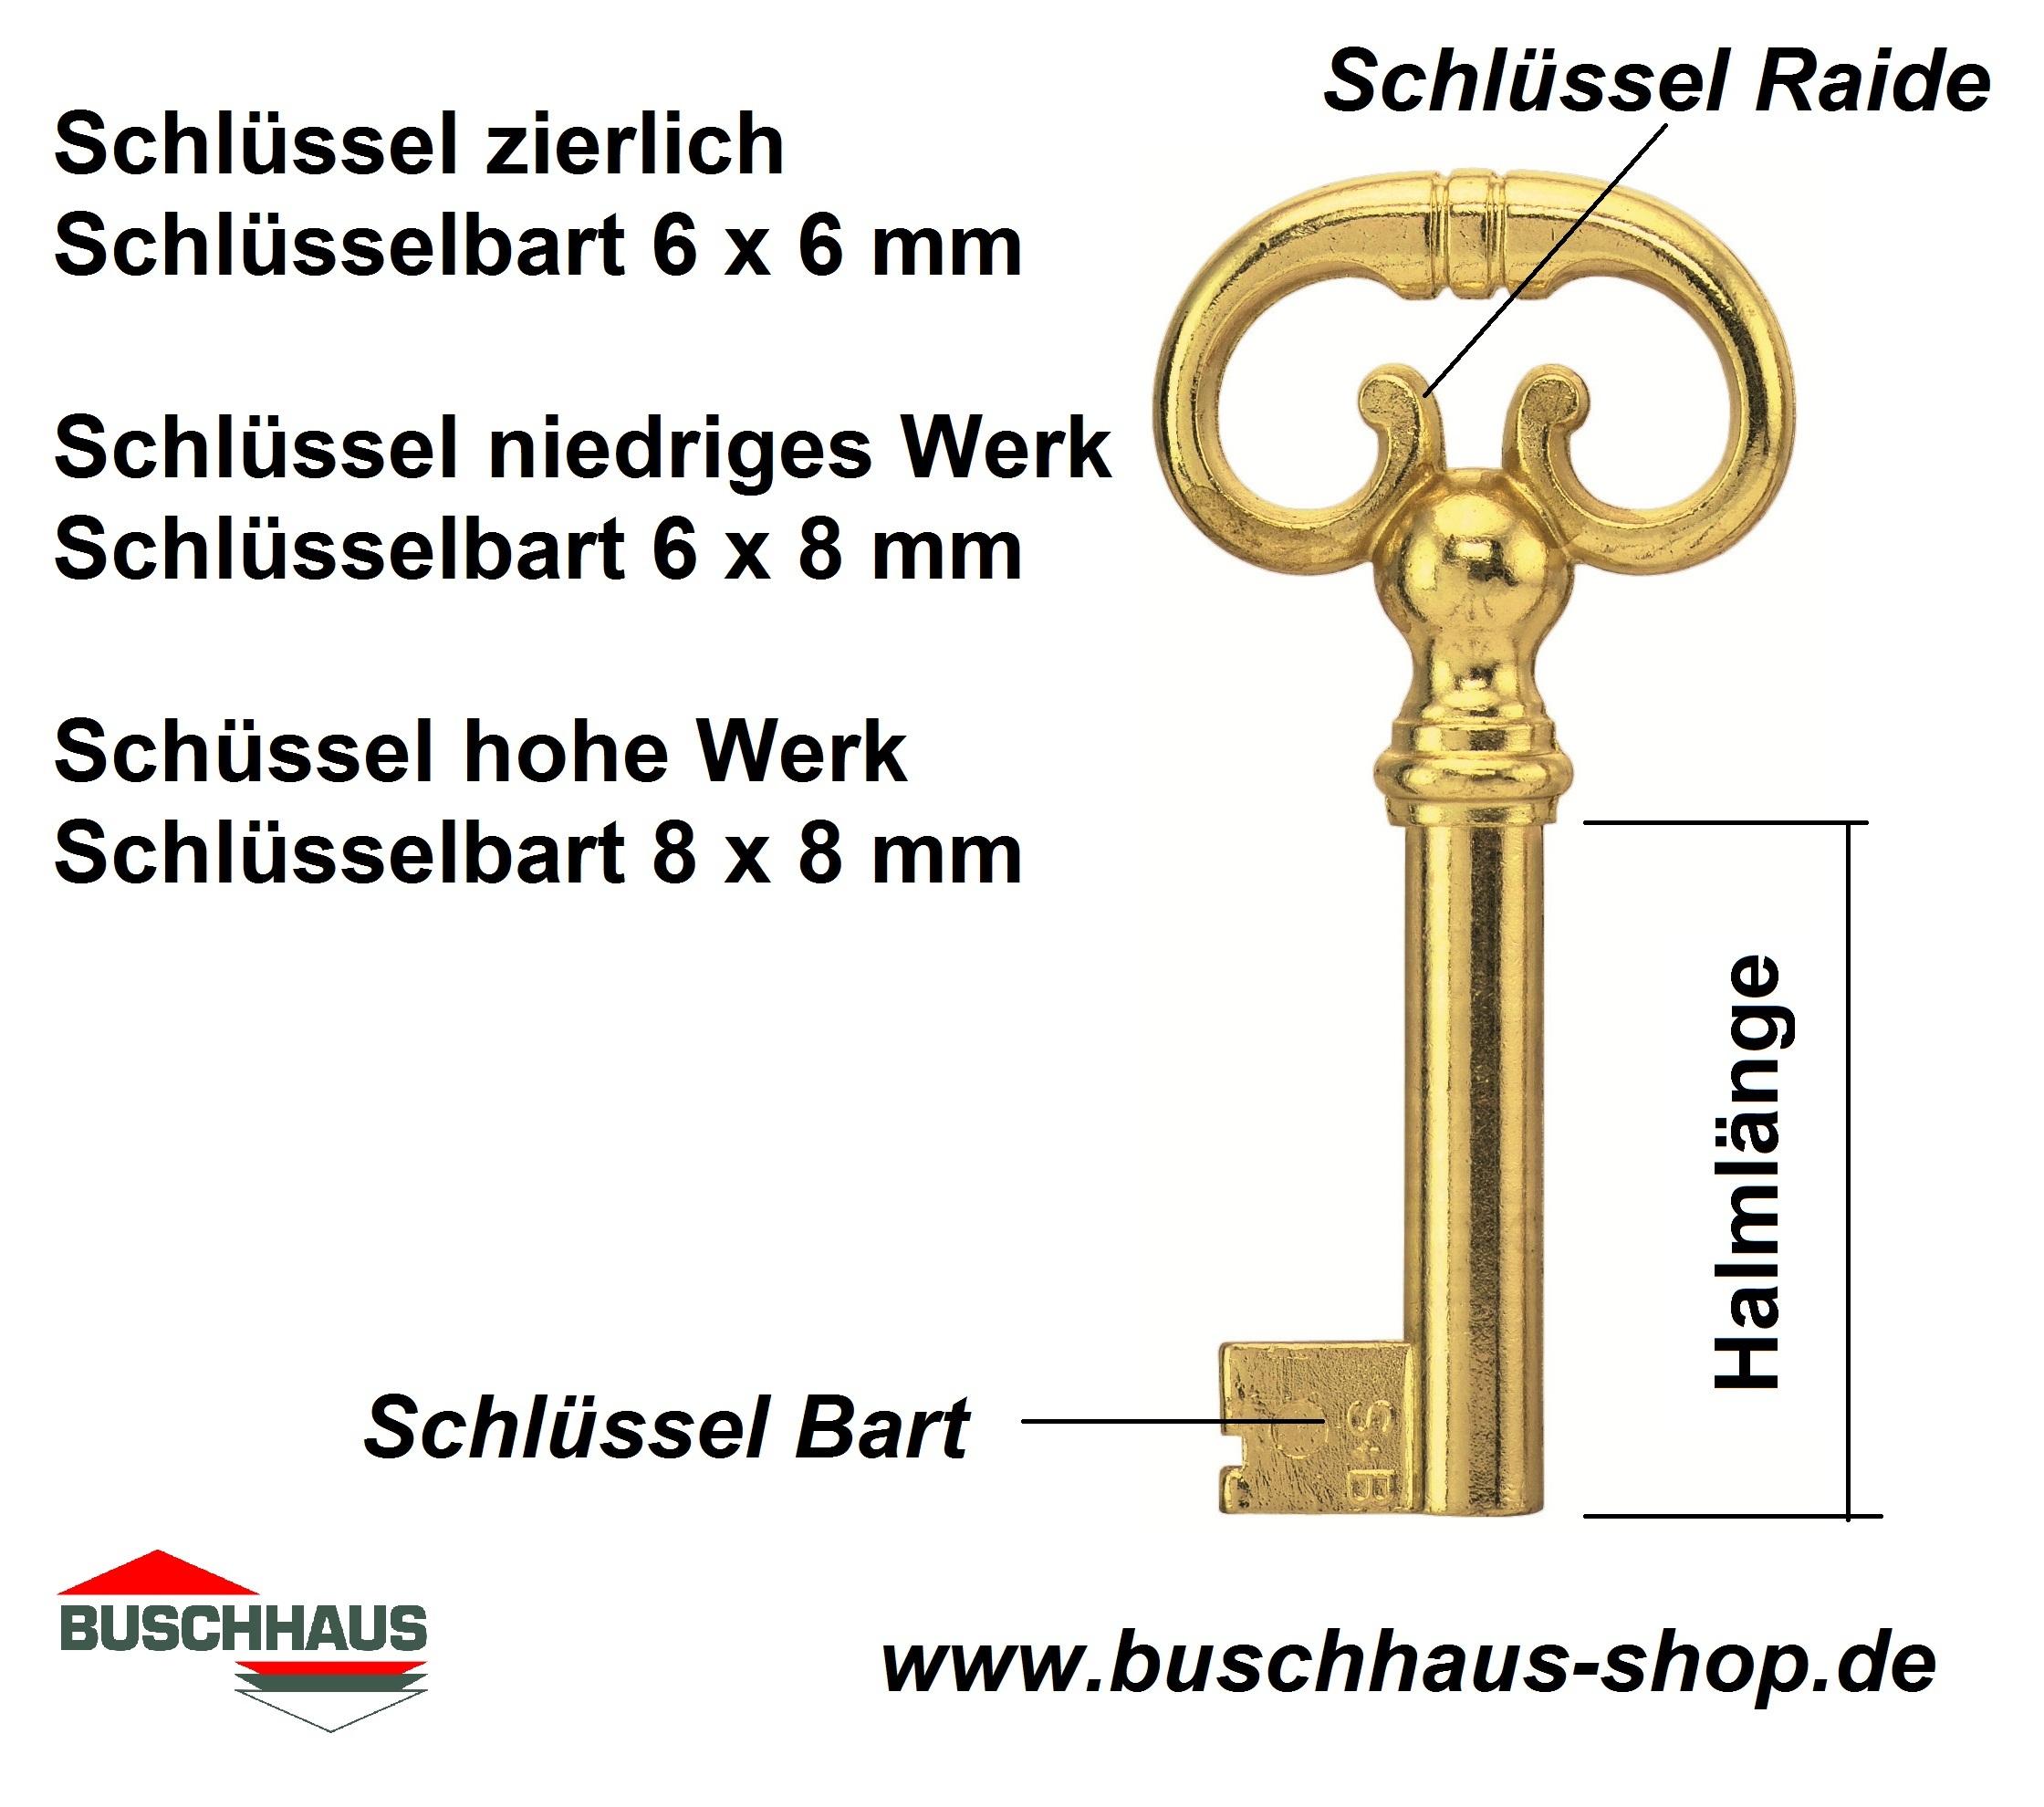 Barthöhe 8 mm JuNie Bartbreite 8 mm Möbelschlüssel 2